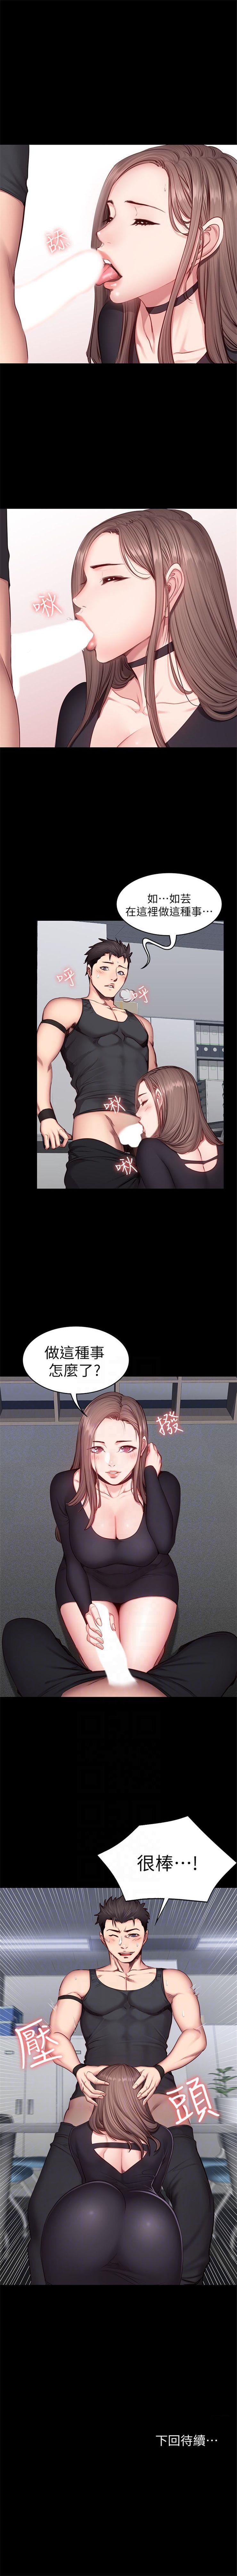 健身教練 1-56 官方中文(連載中) 113